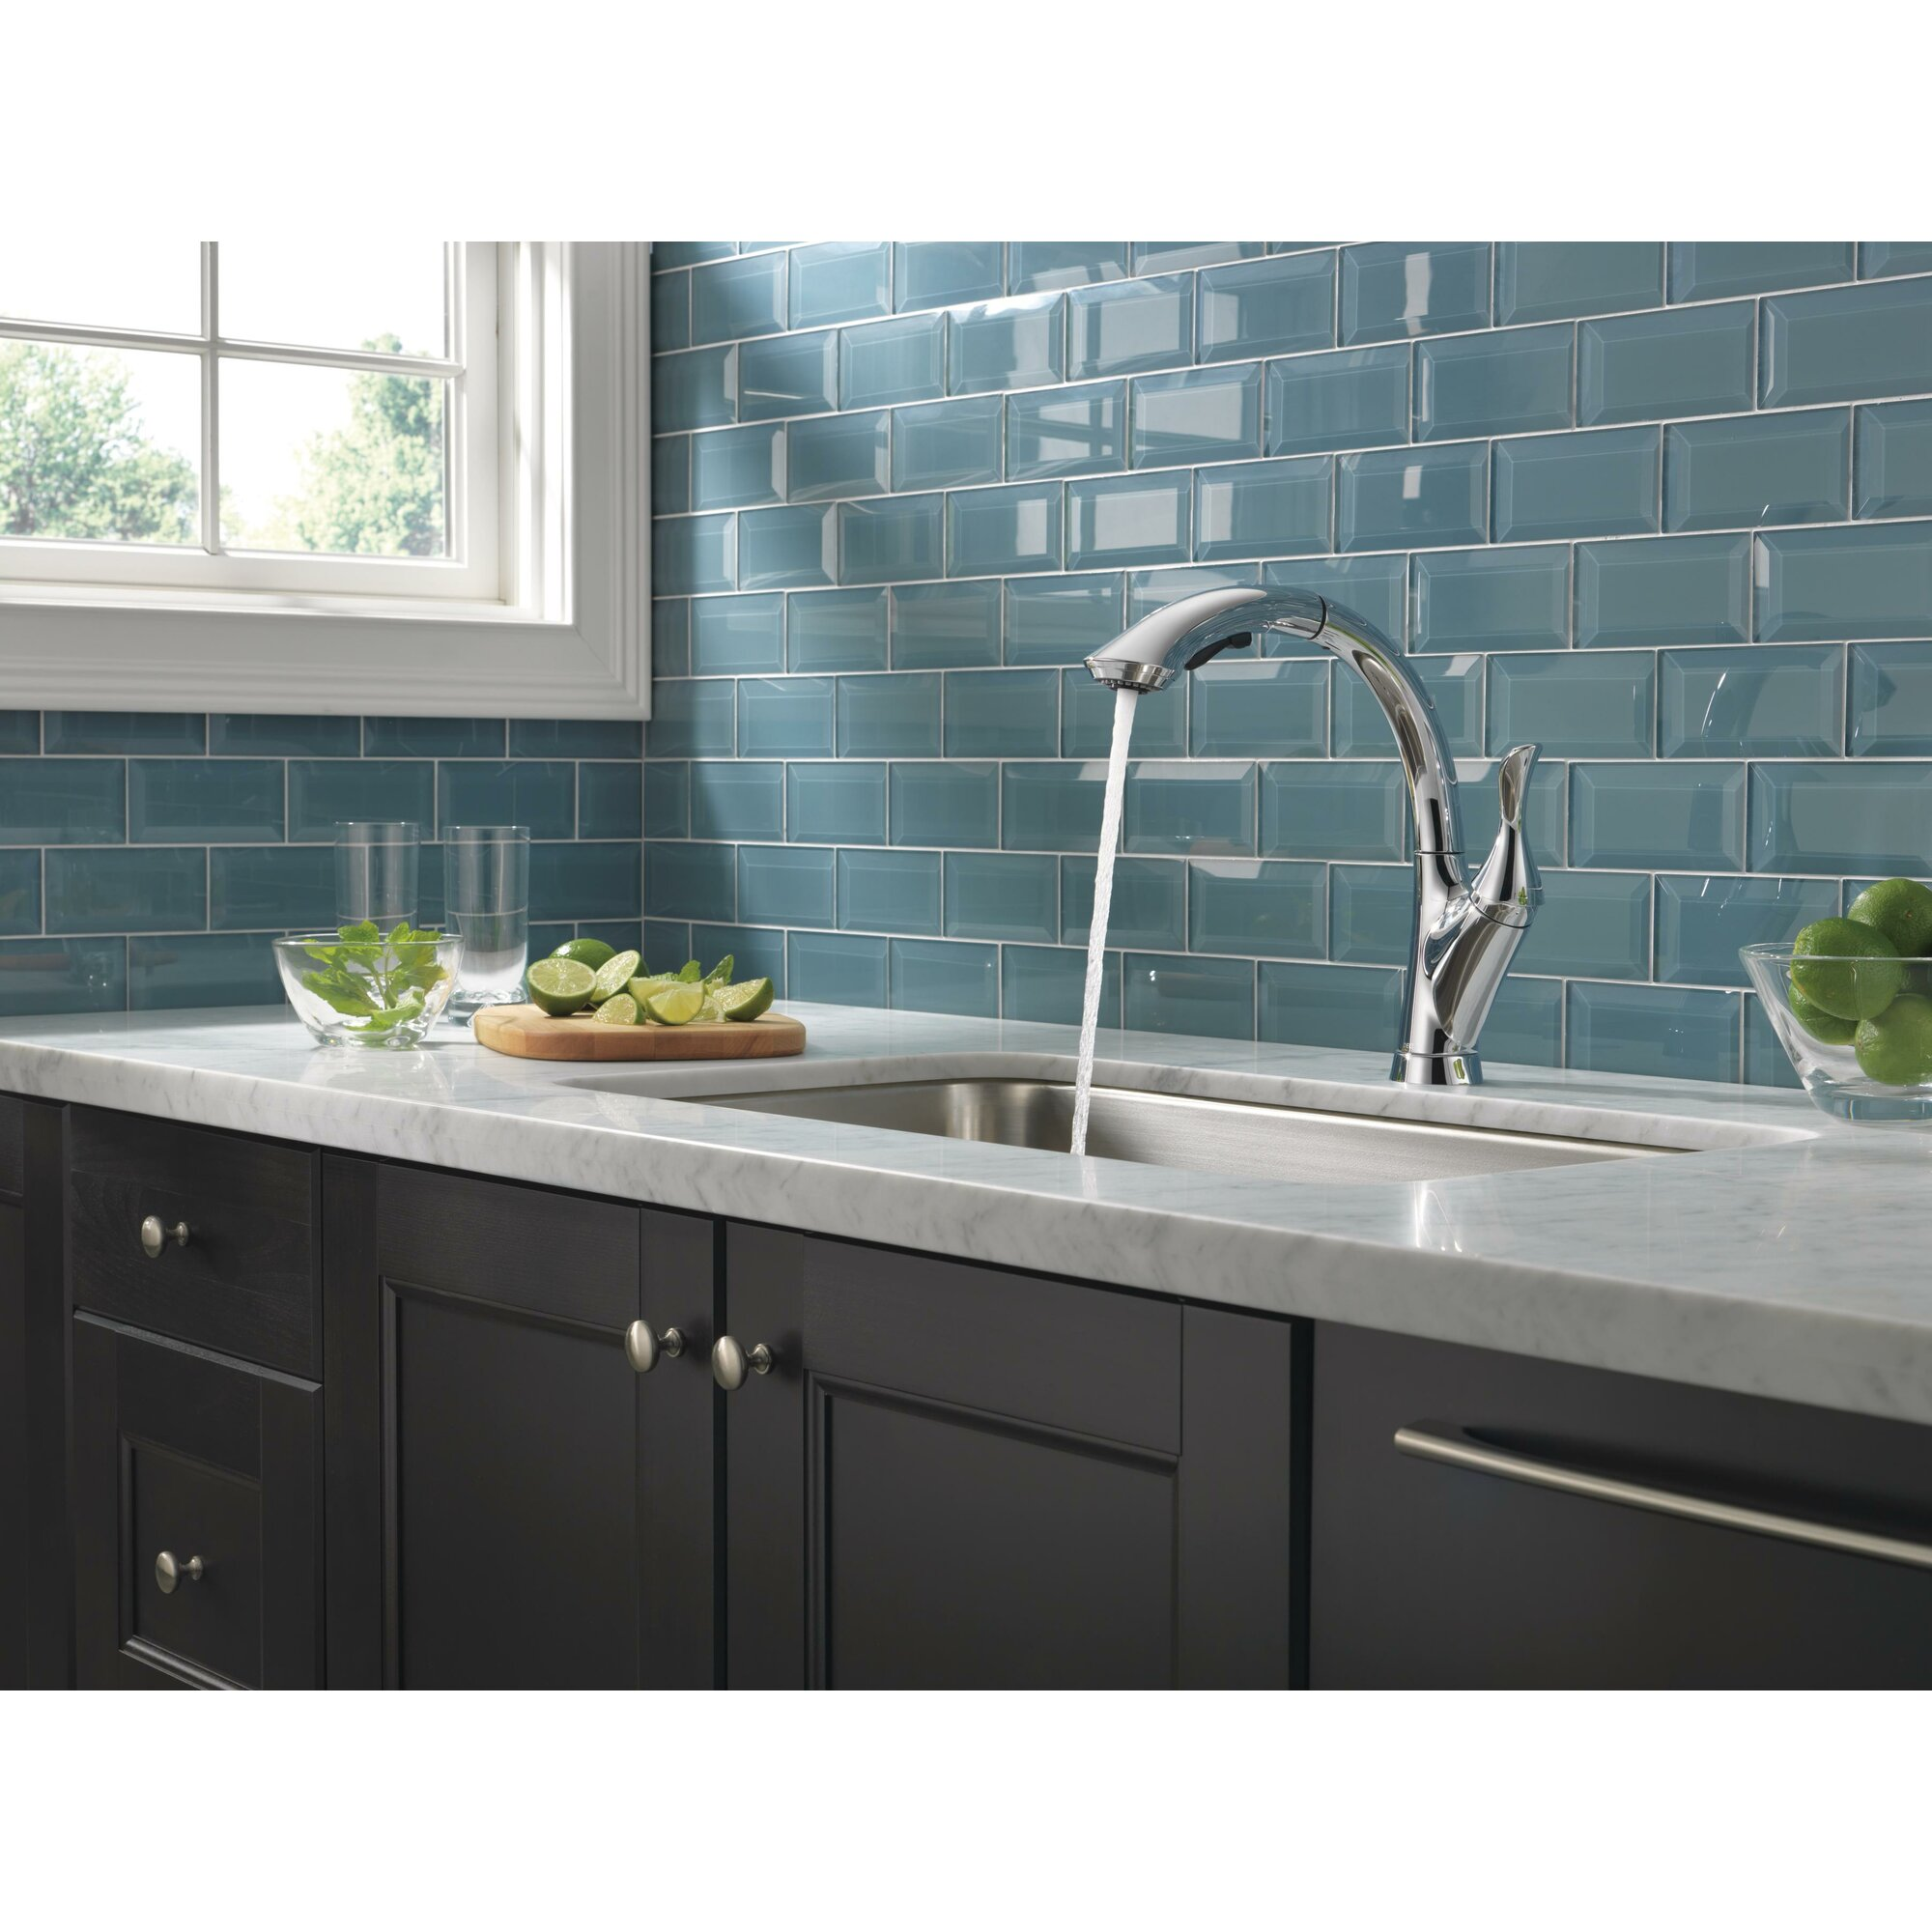 Delta linden single handle kitchen faucet